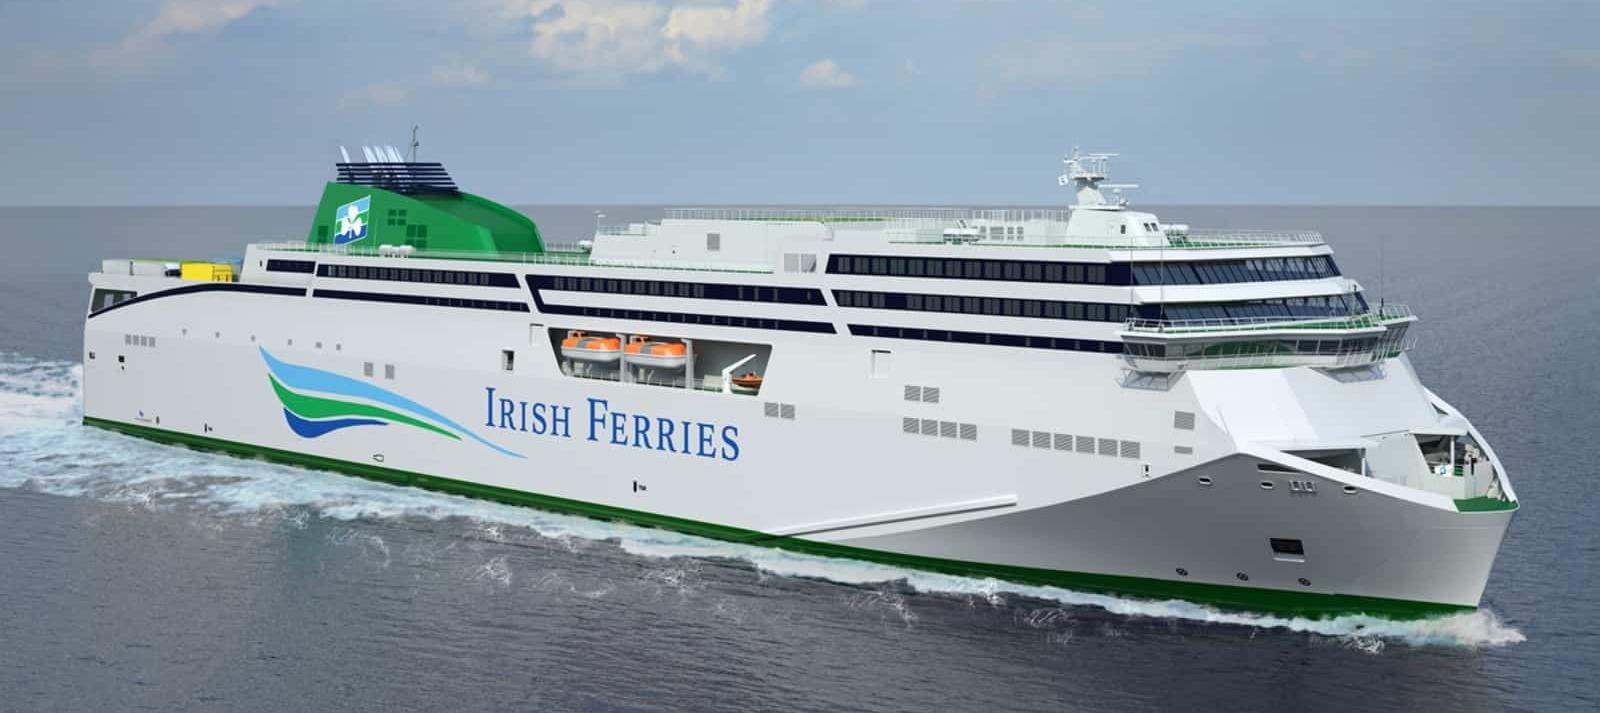 Irish Ferries Hull 777